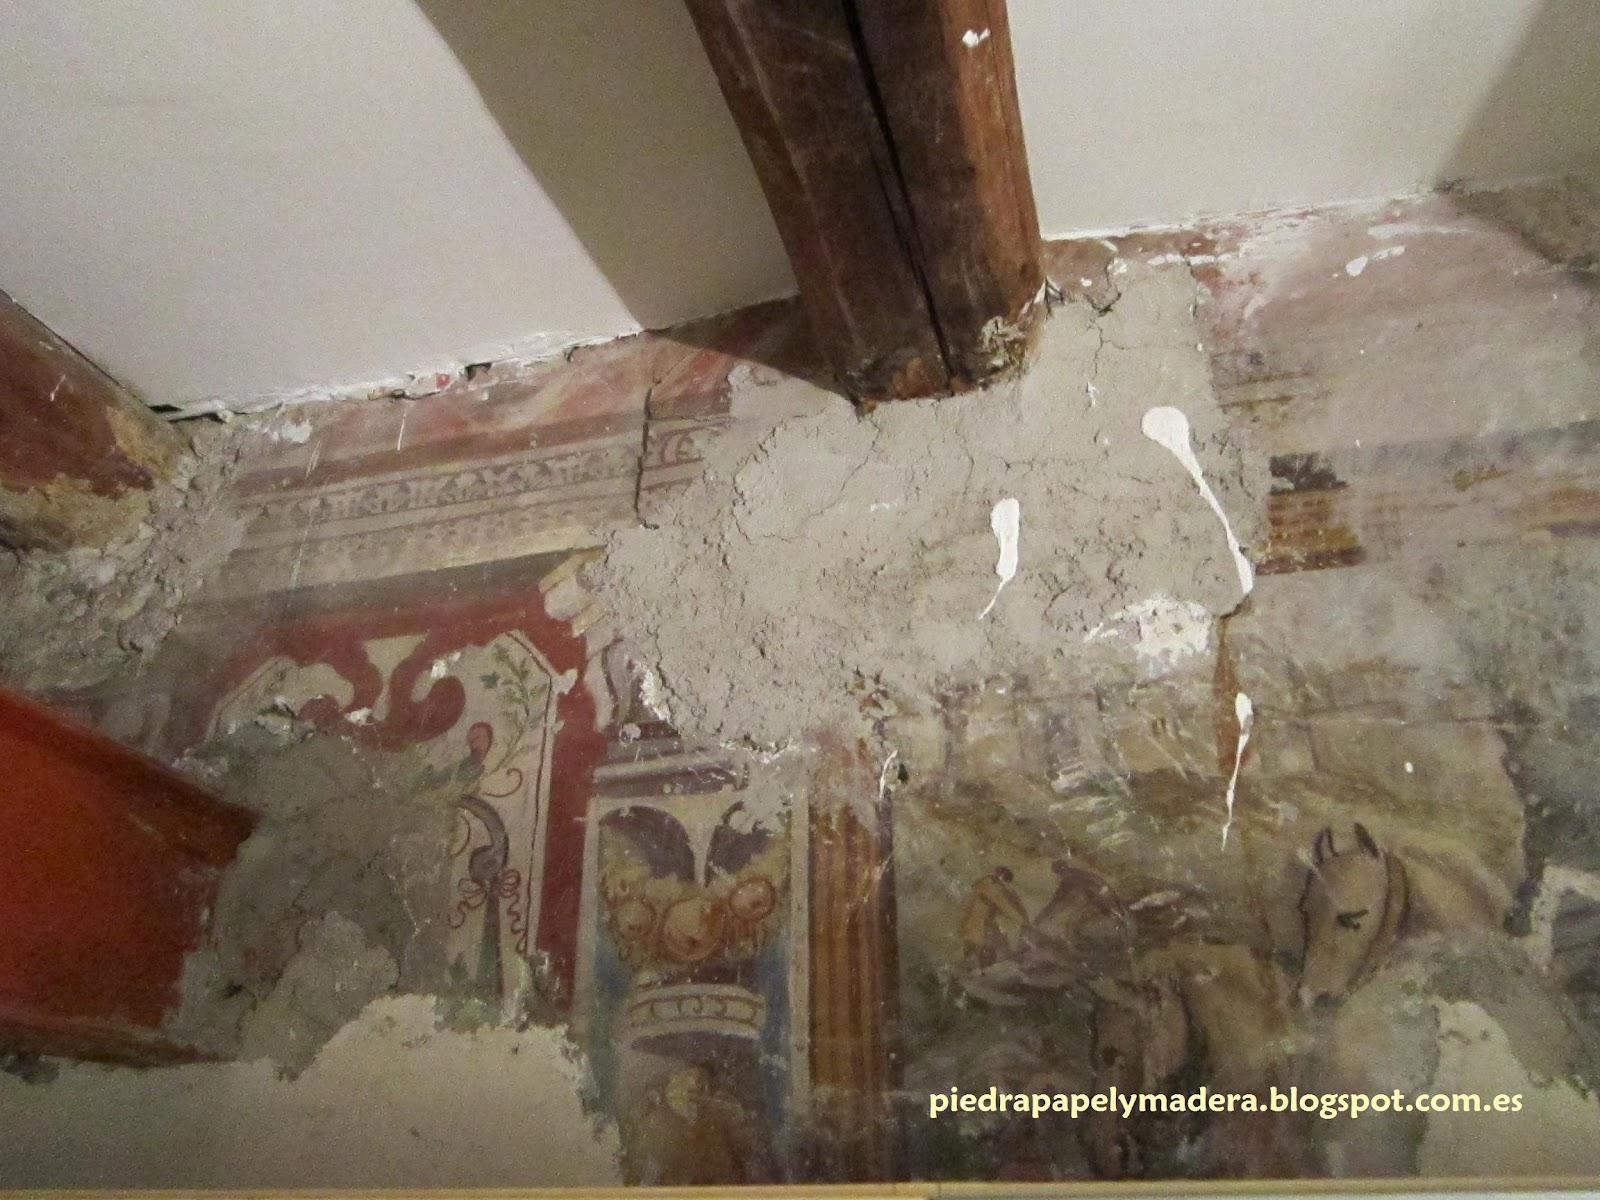 Piedra papel y madera pinturas murales en n poles y ercolano for Papel mural tipo madera